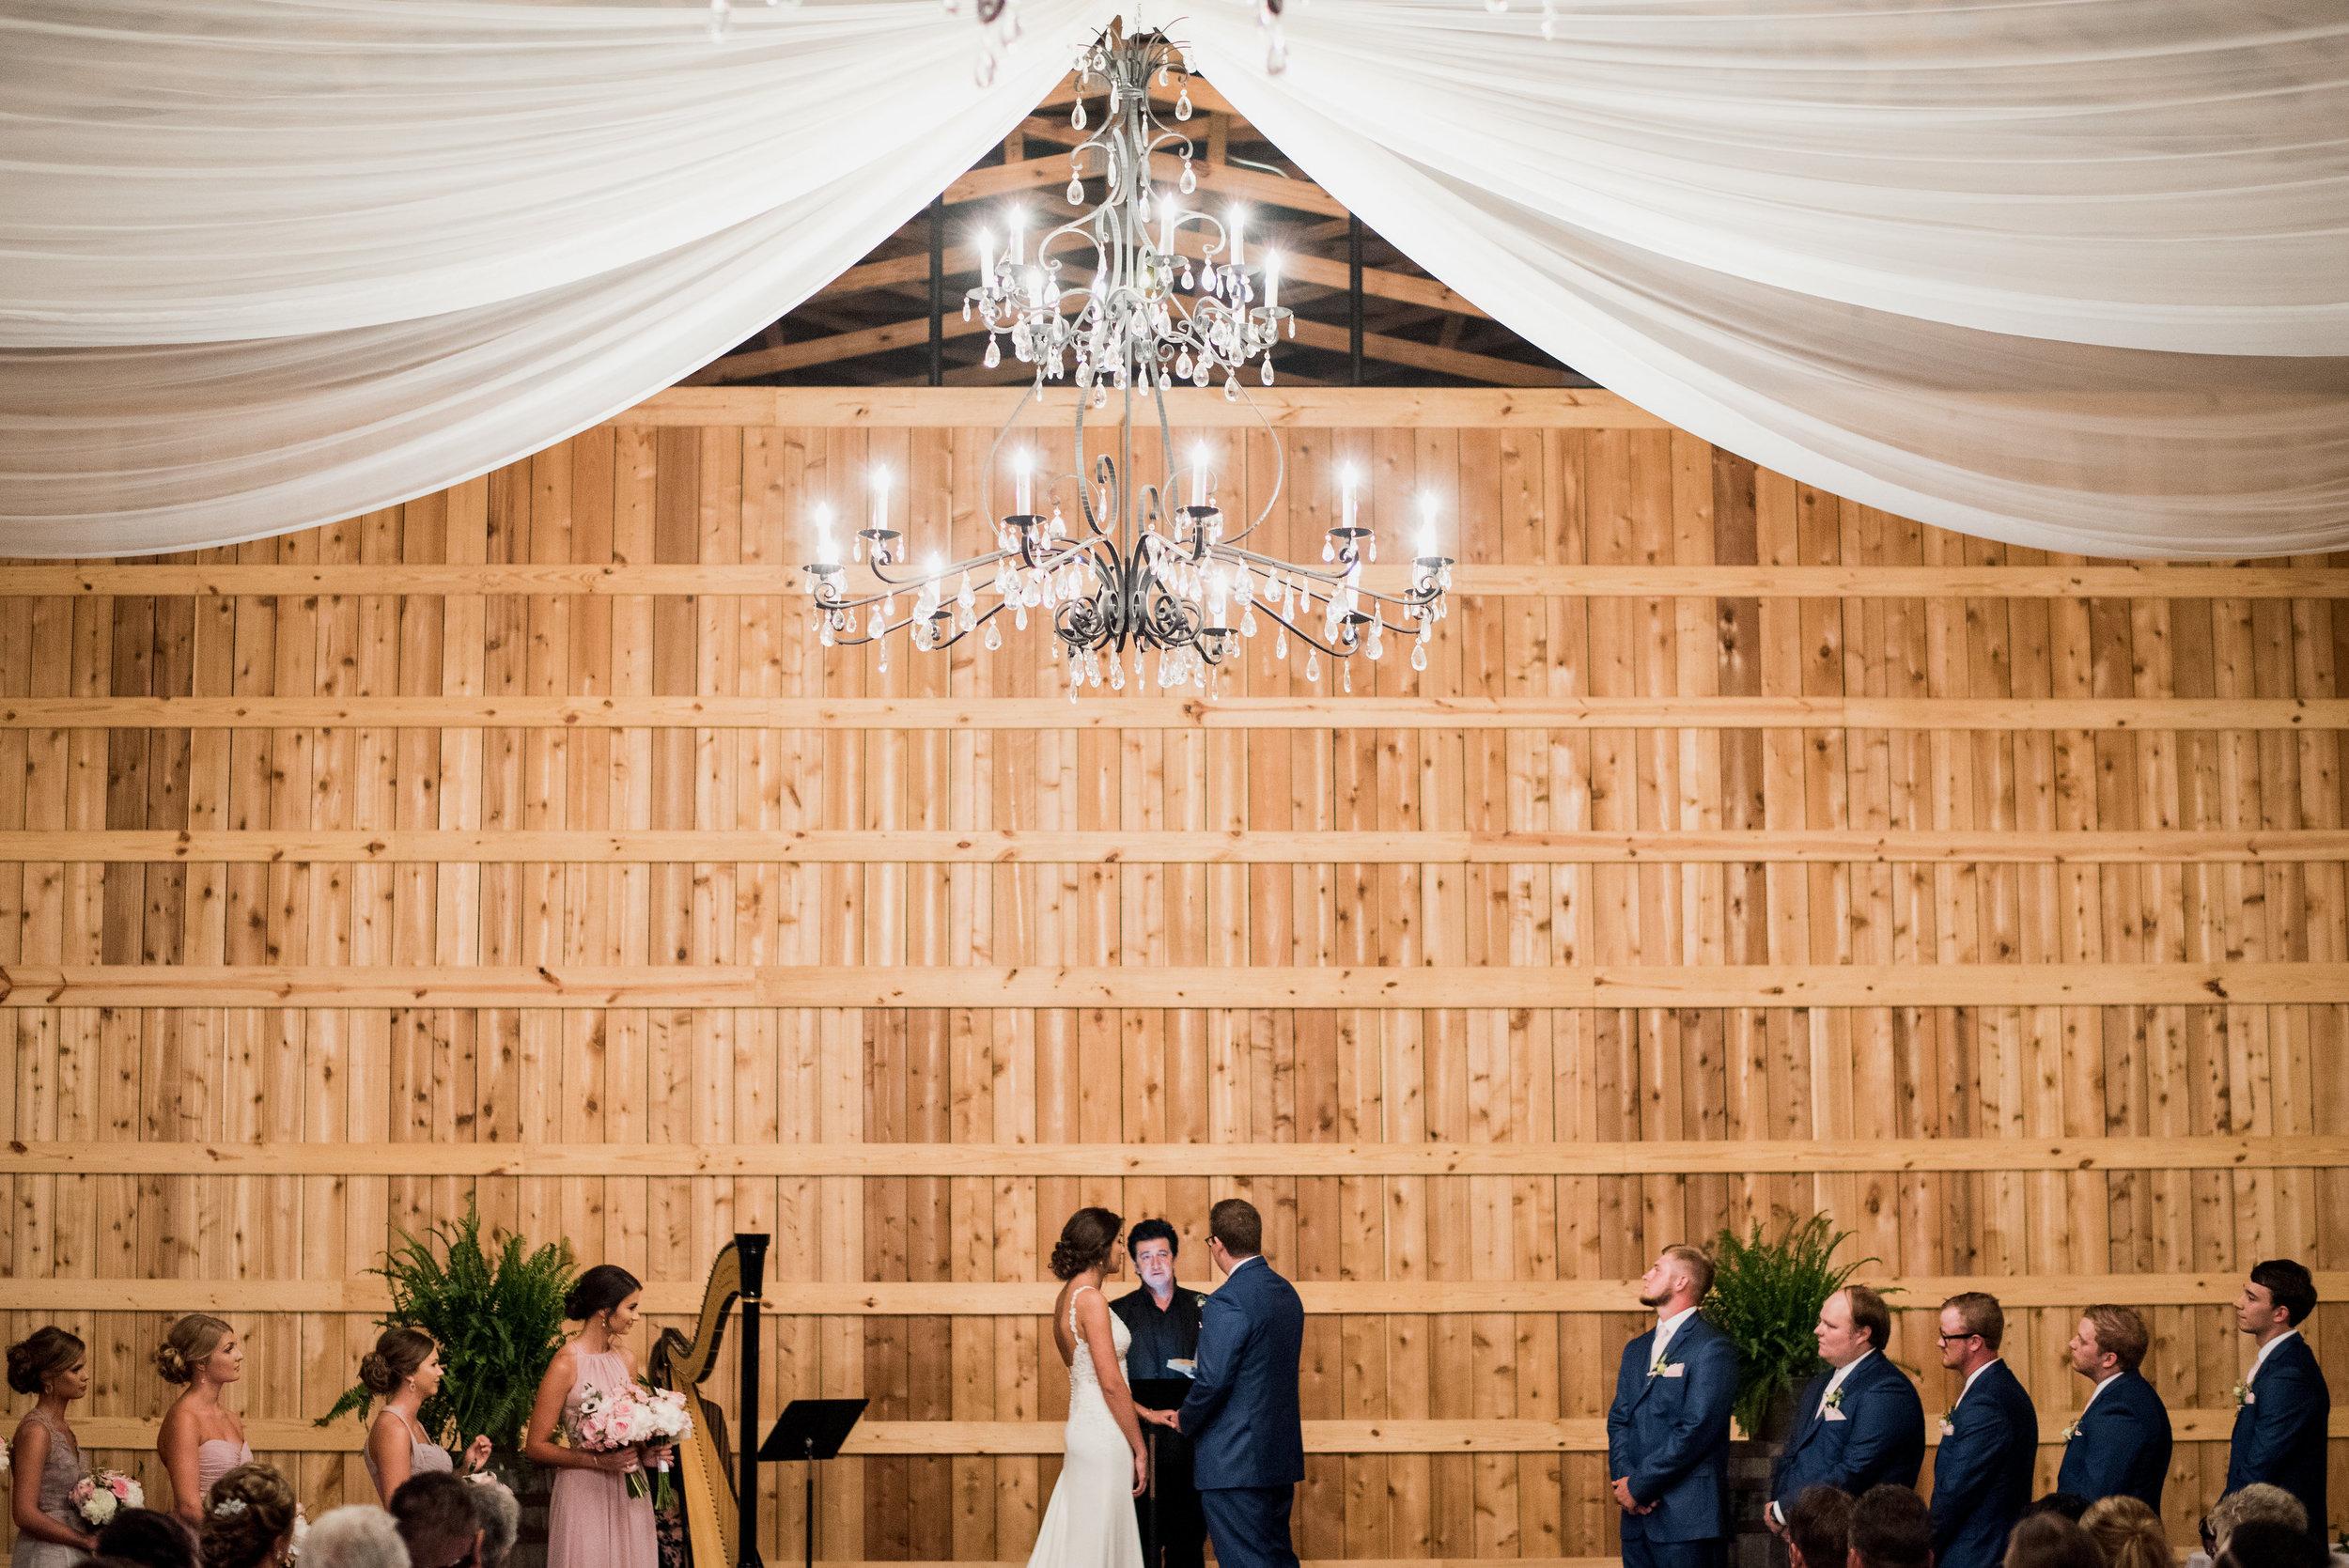 Saddlewood-Farms-Nashville-Wedding-Photographers-442.jpg